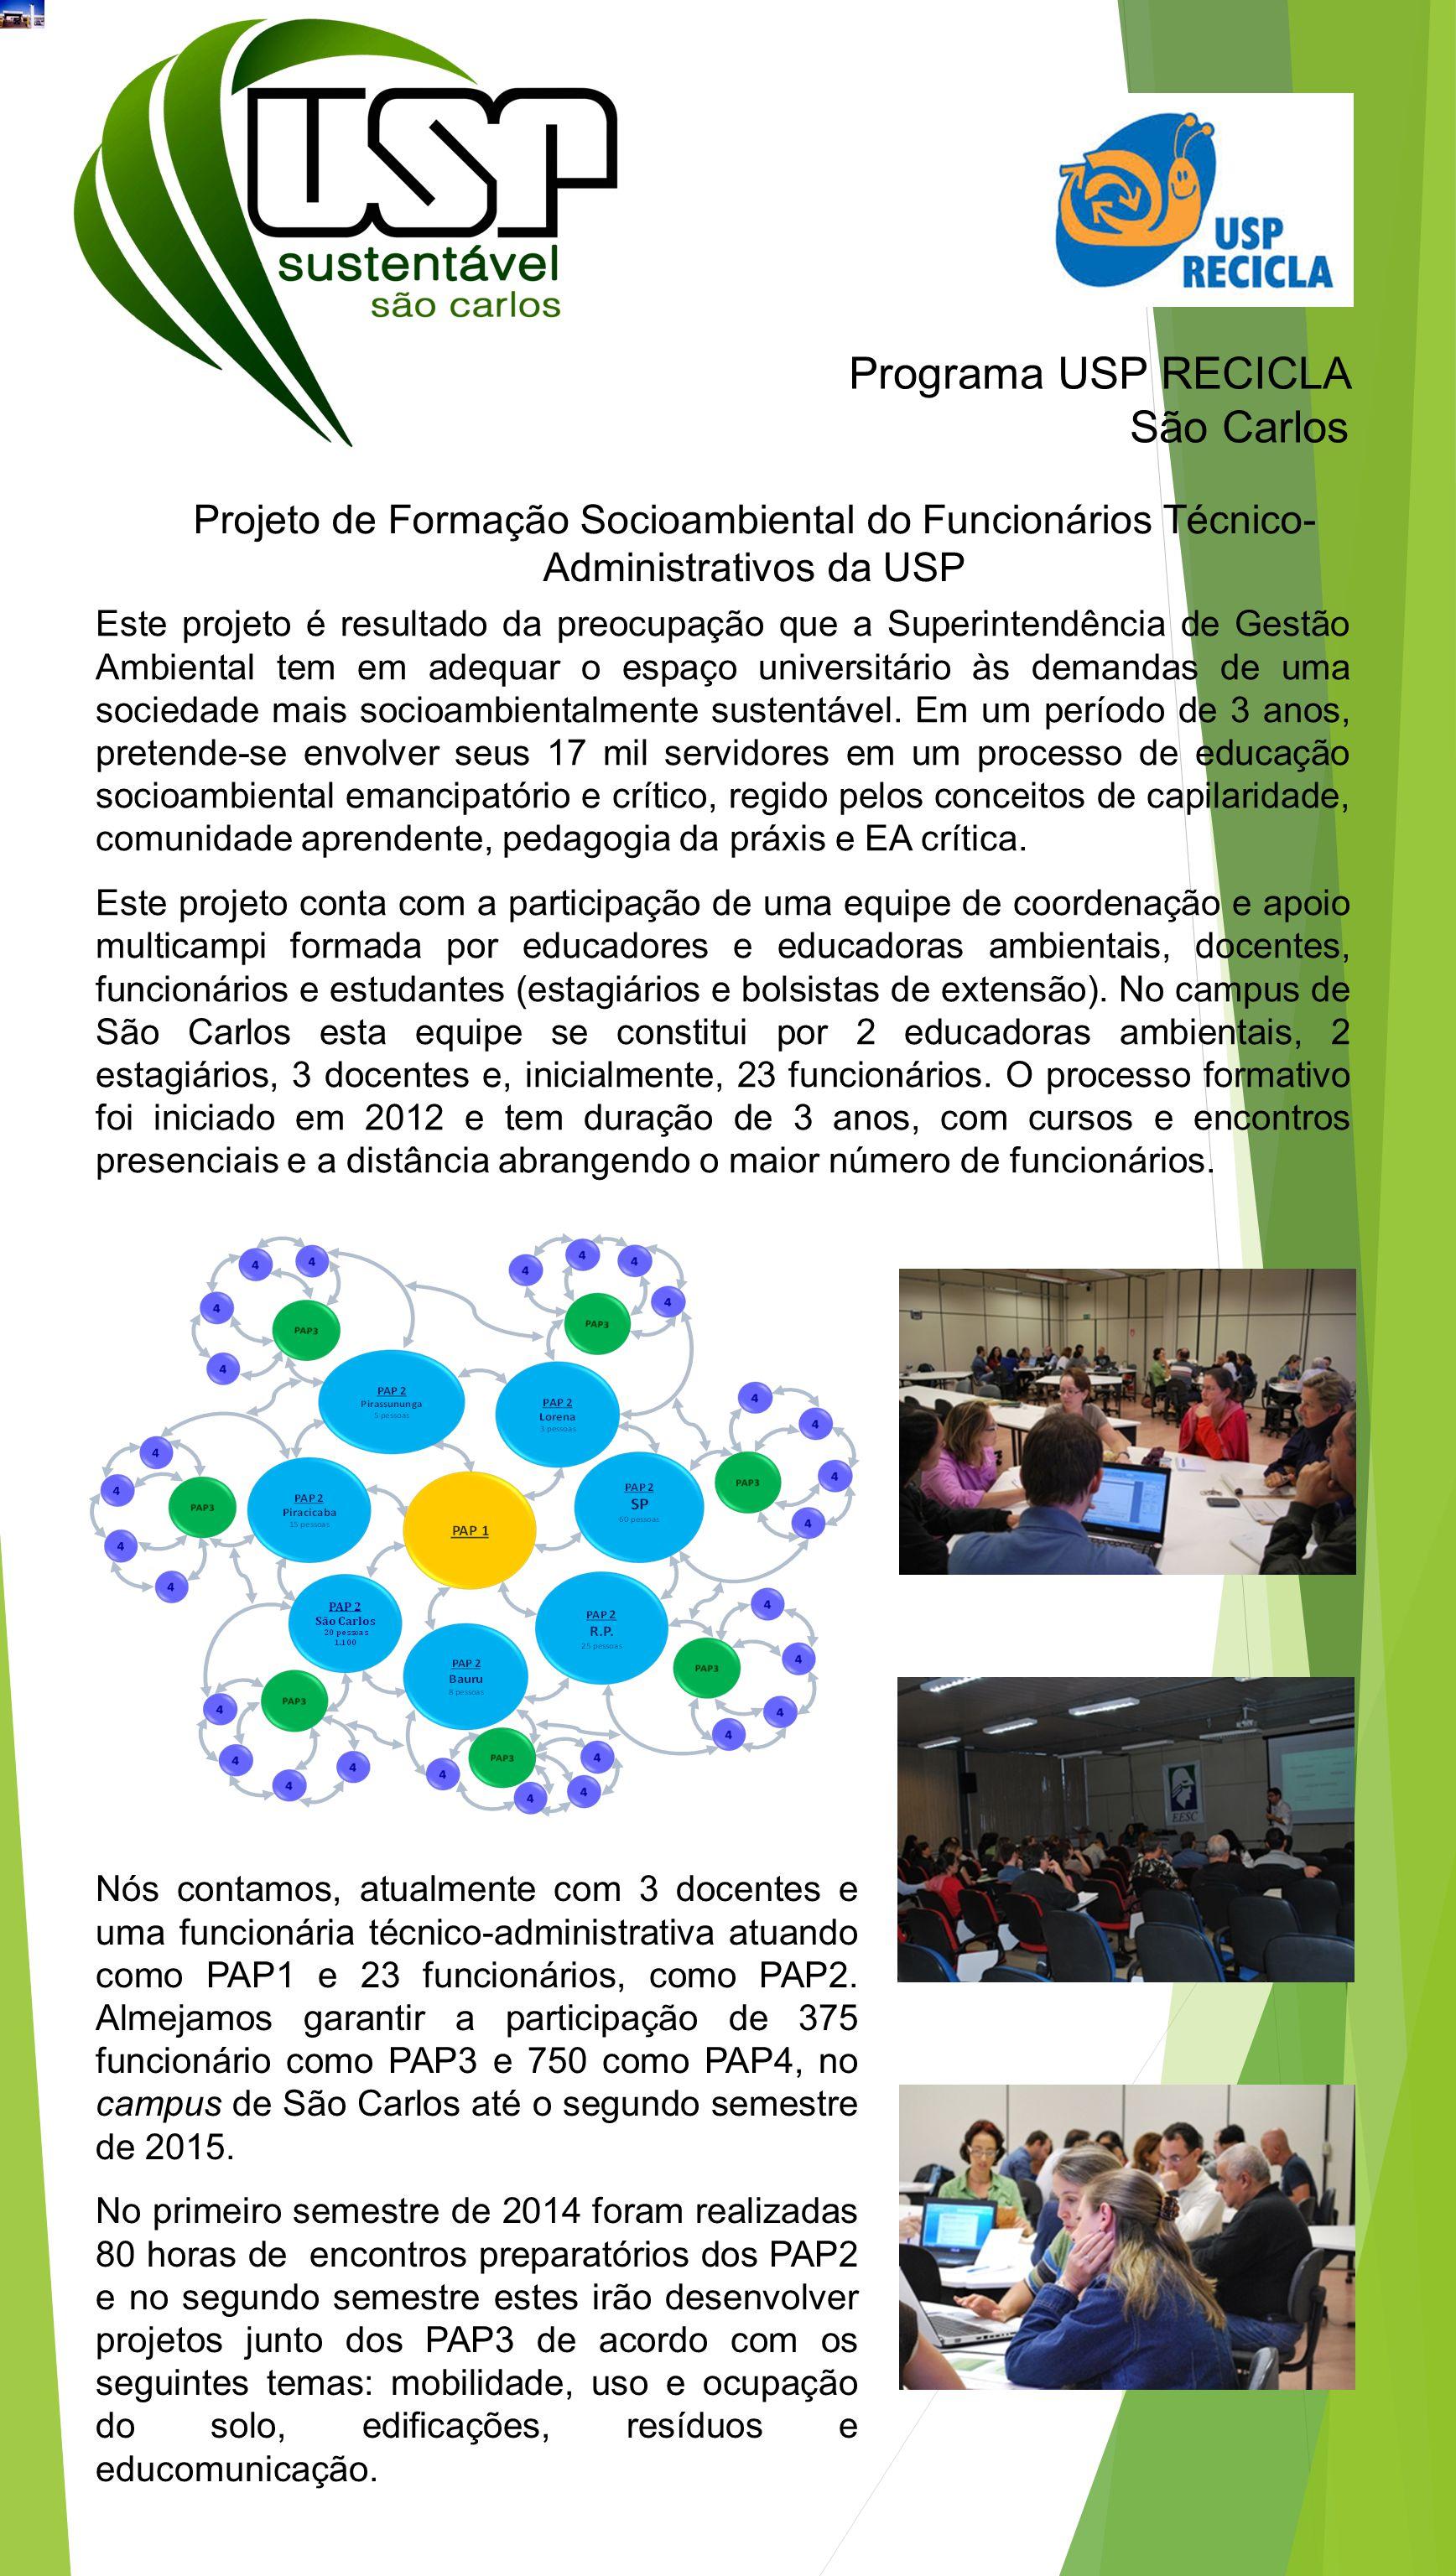 Programa USP RECICLA São Carlos